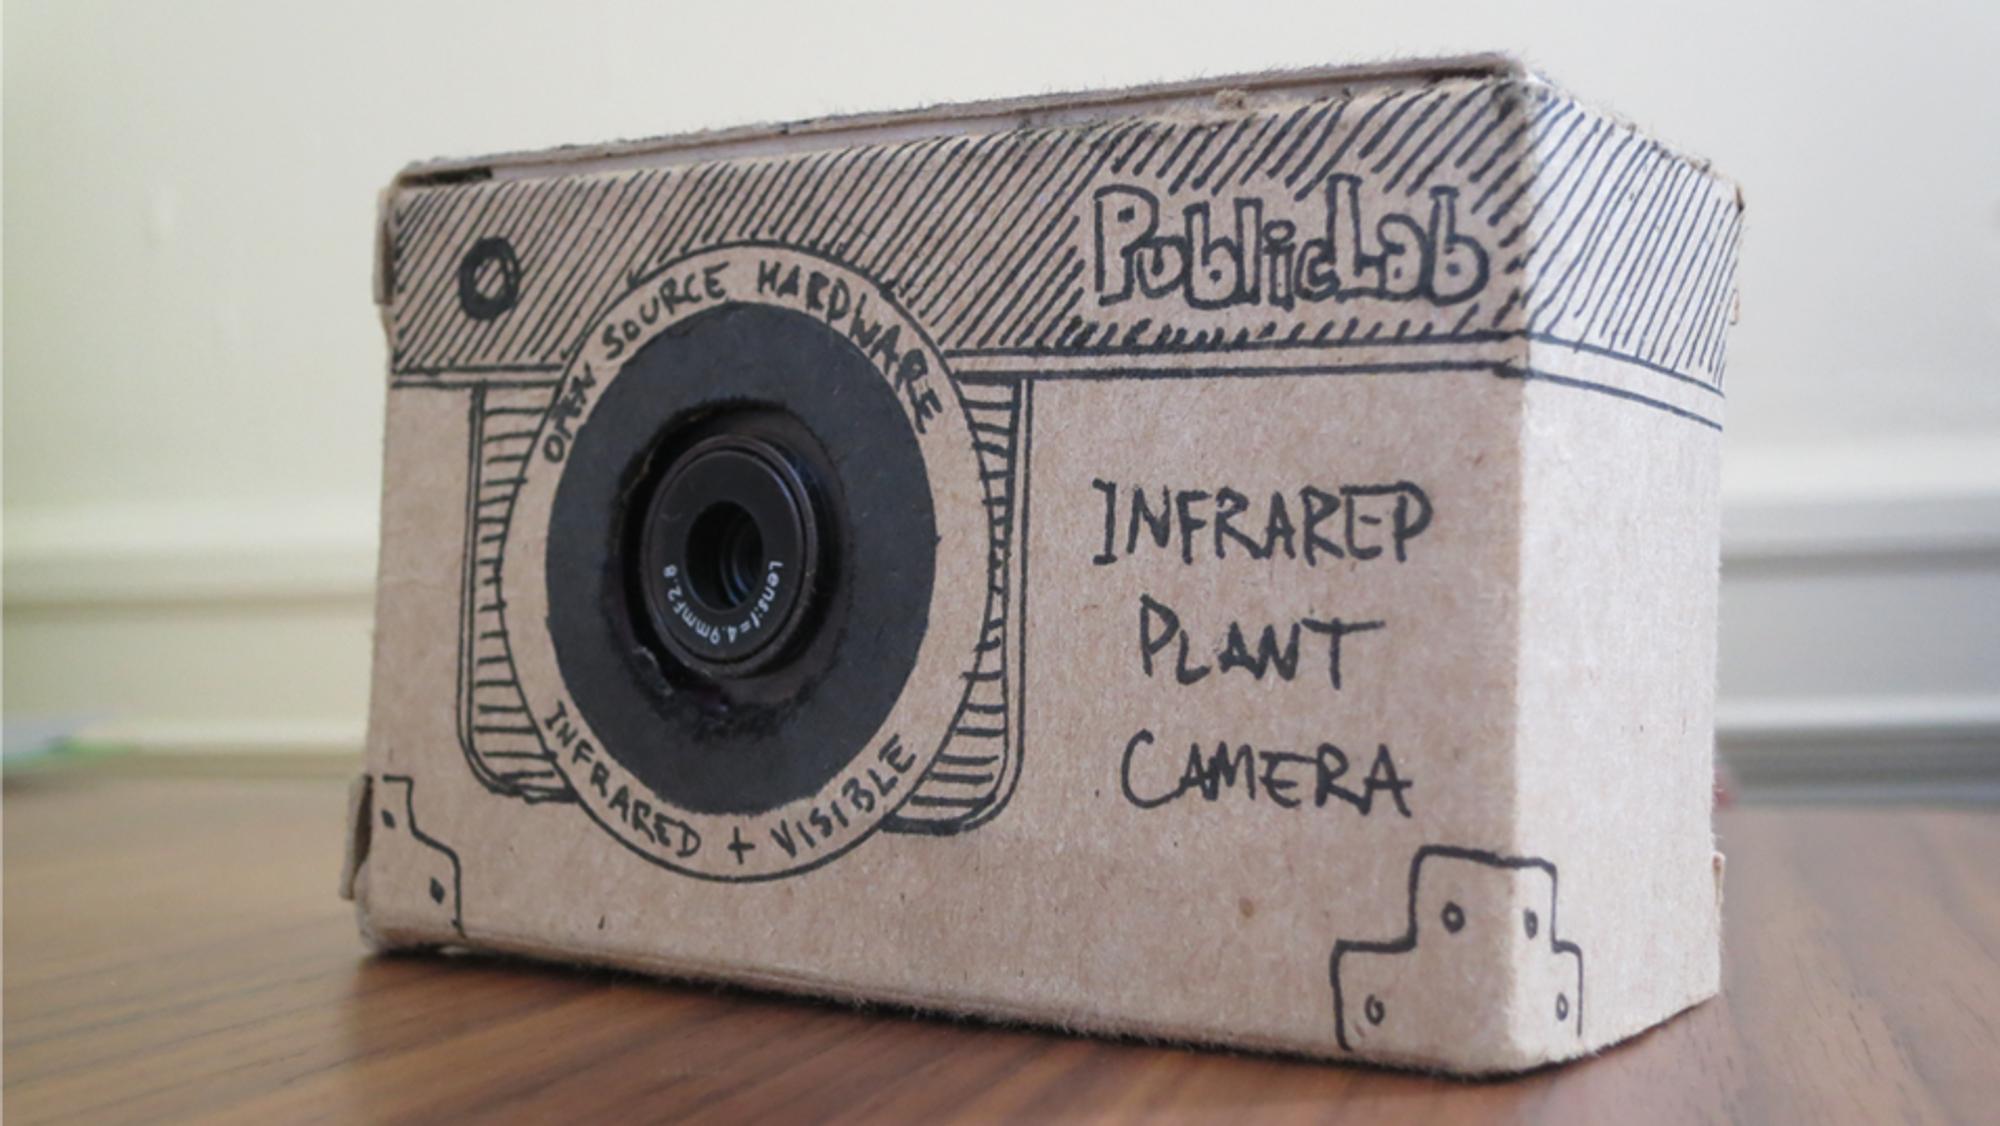 Dette kameraet kan redde plantene dine